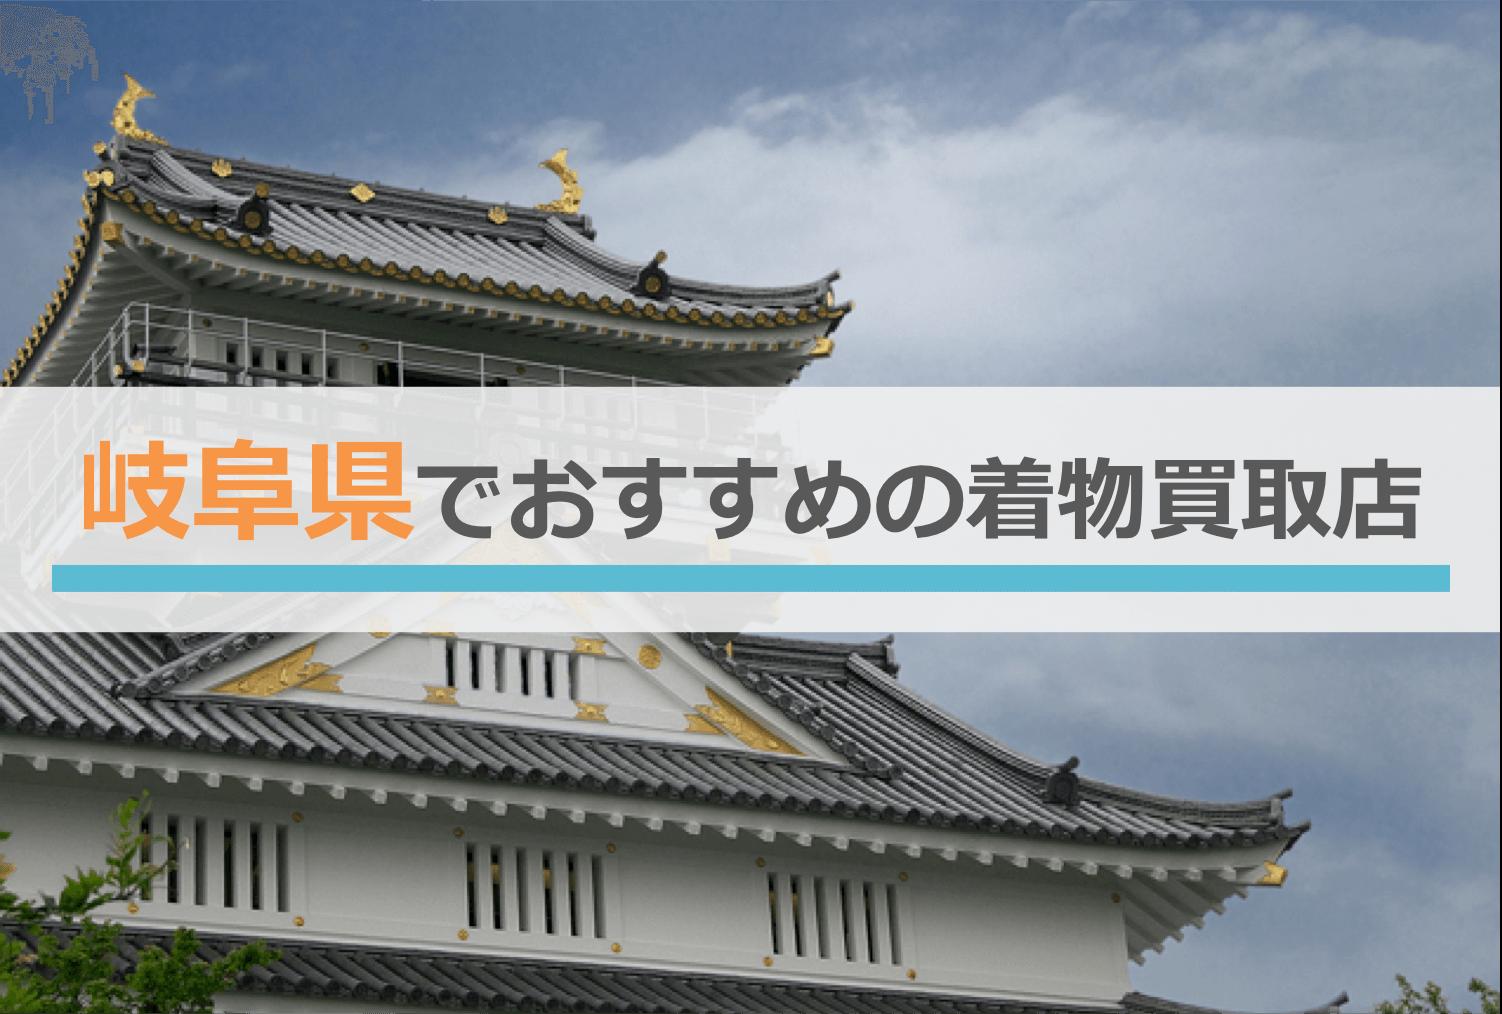 岐阜県でおすすめの着物買取店まとめアイキャッチ